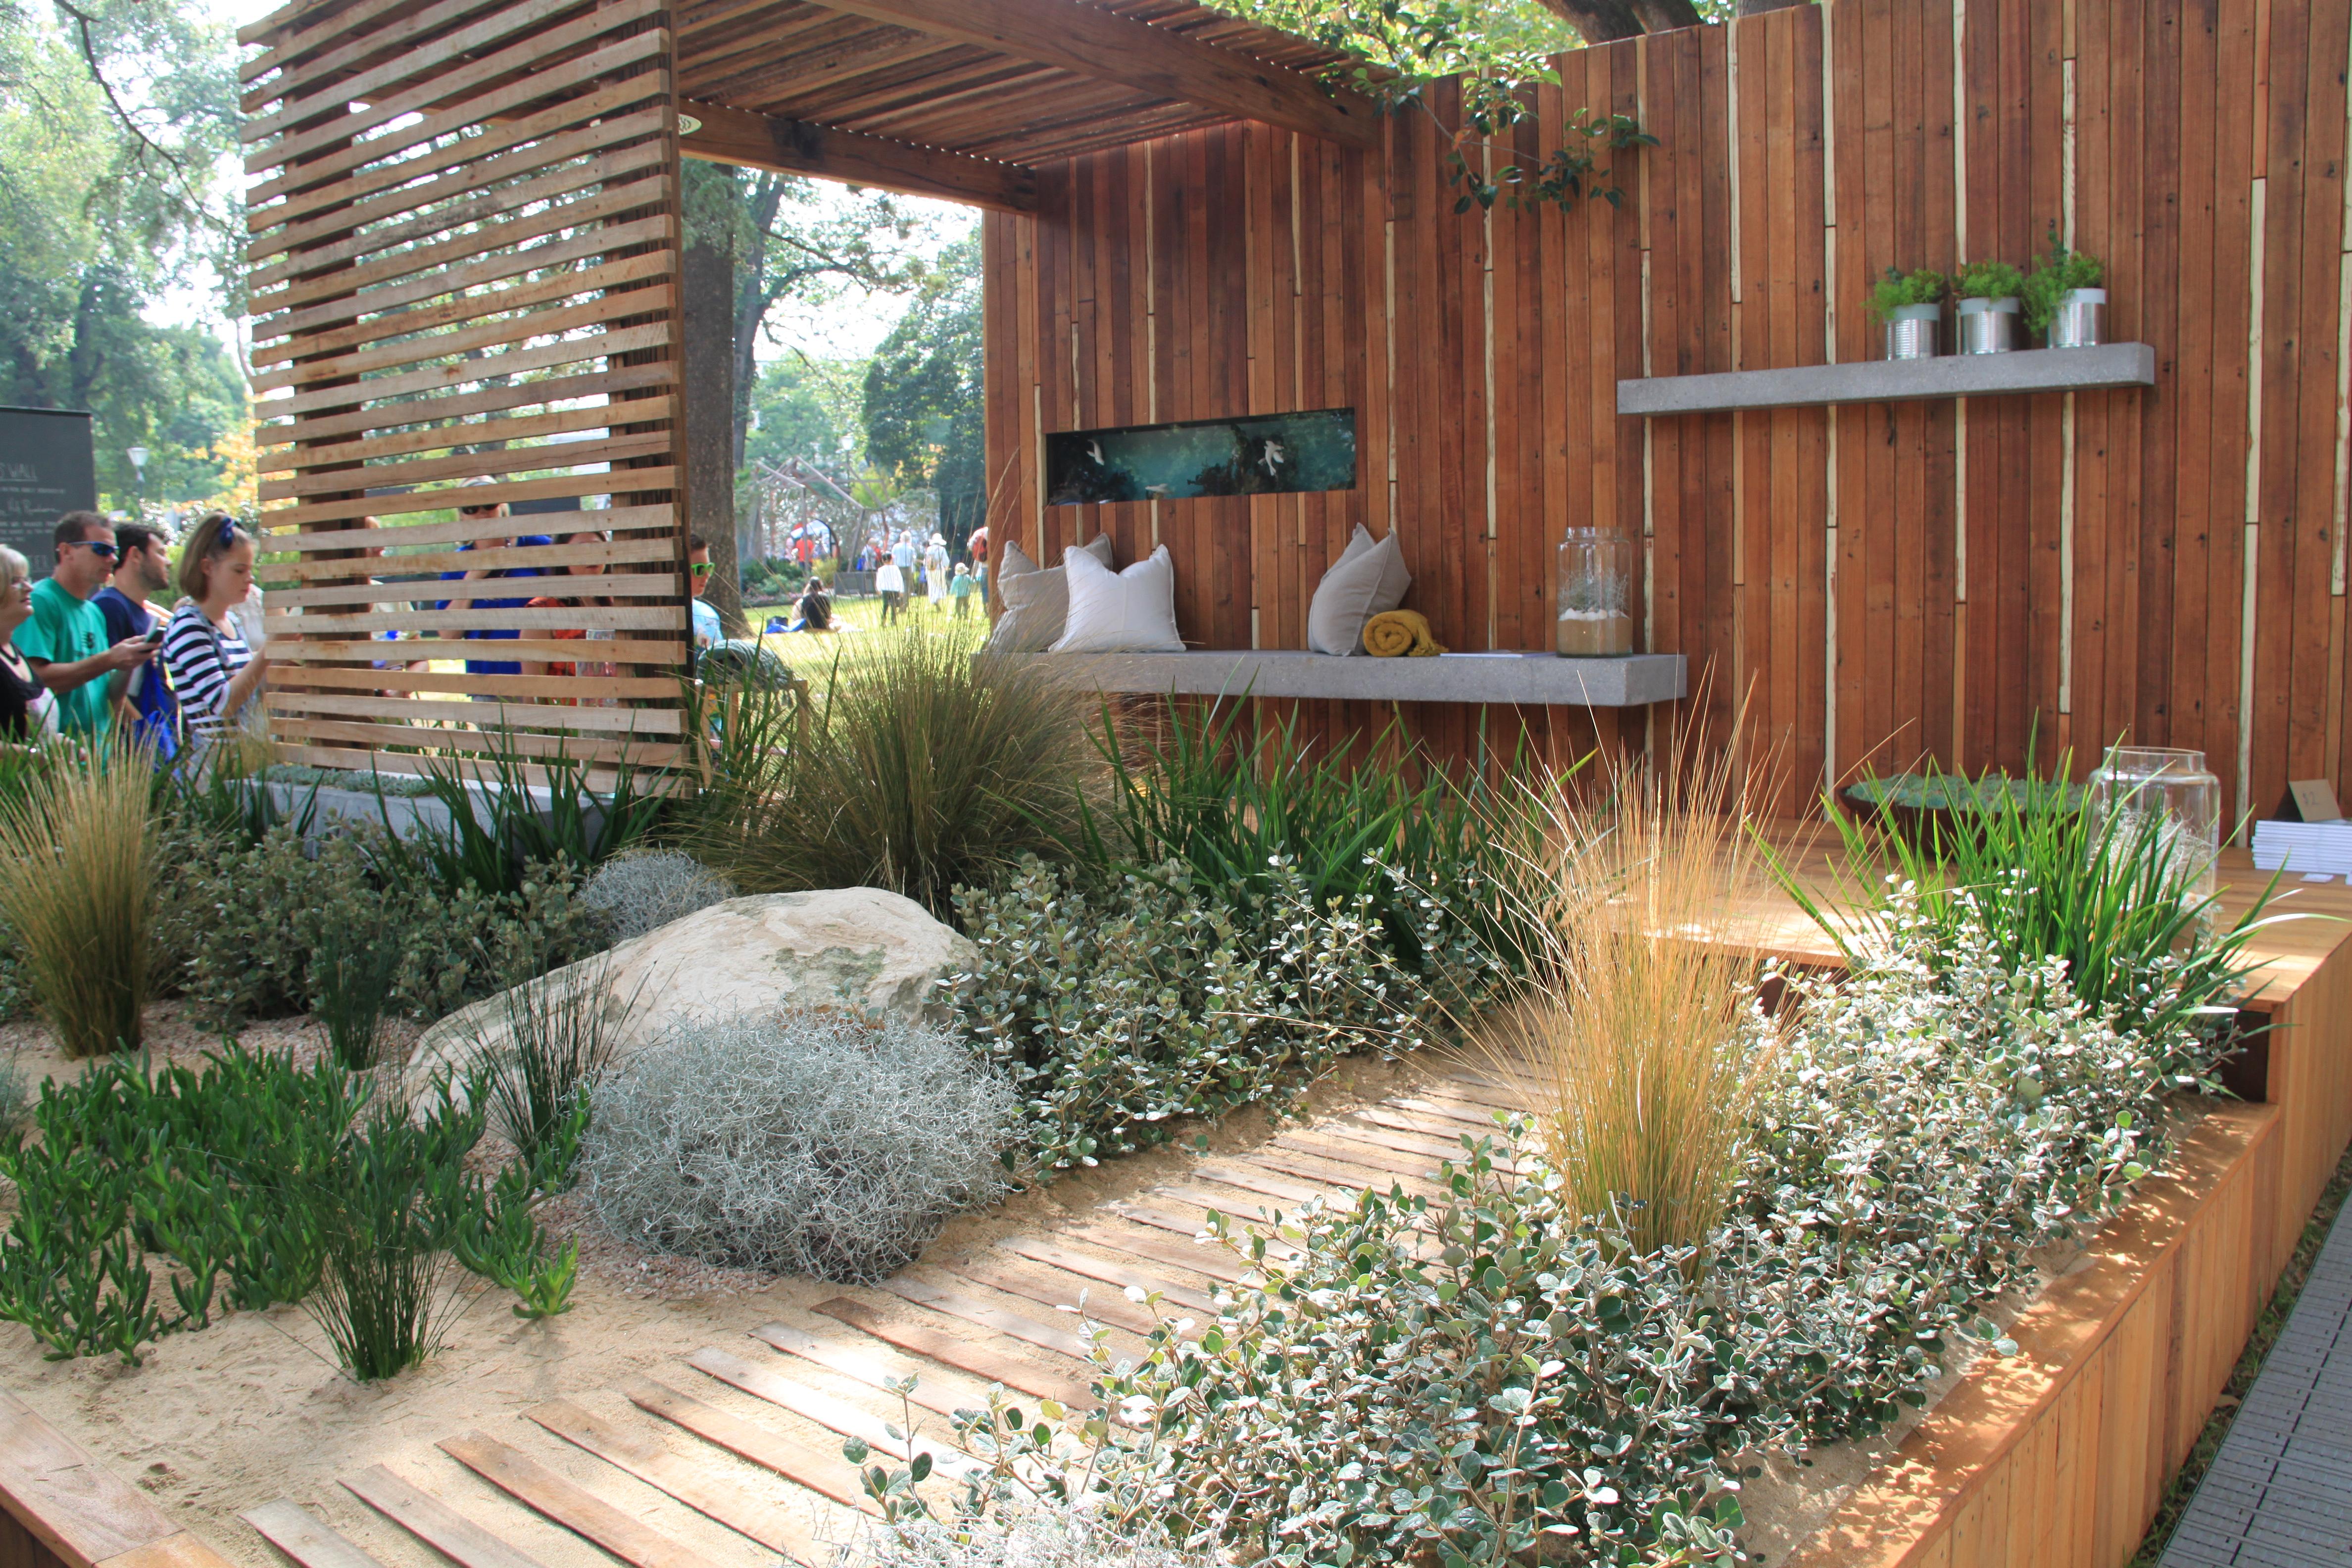 Melbourne garden show 2014 janna schreier garden design for Landscape design melbourne